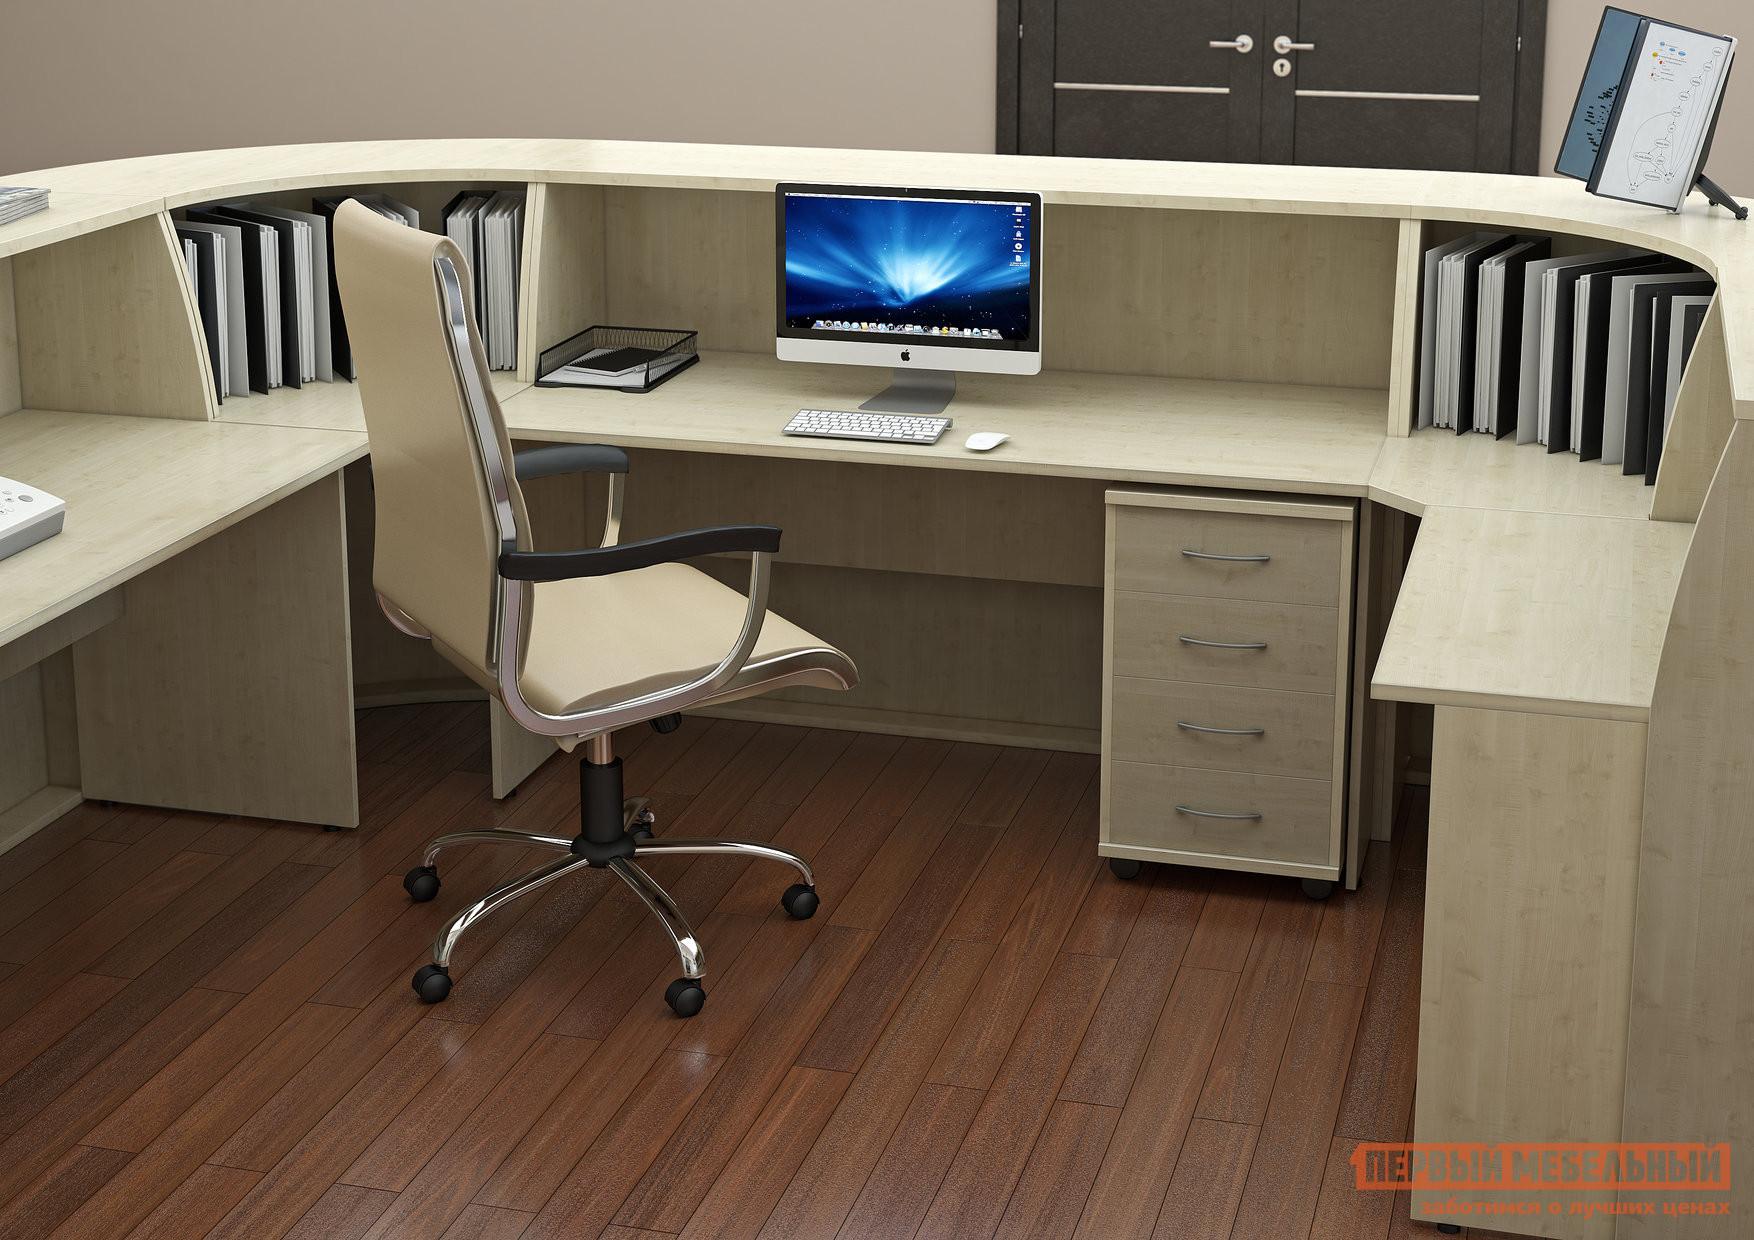 Комплект офисной мебели Riva Рива Ресепшн Клен К1 комплект офисной мебели riva рива ресепшн к1